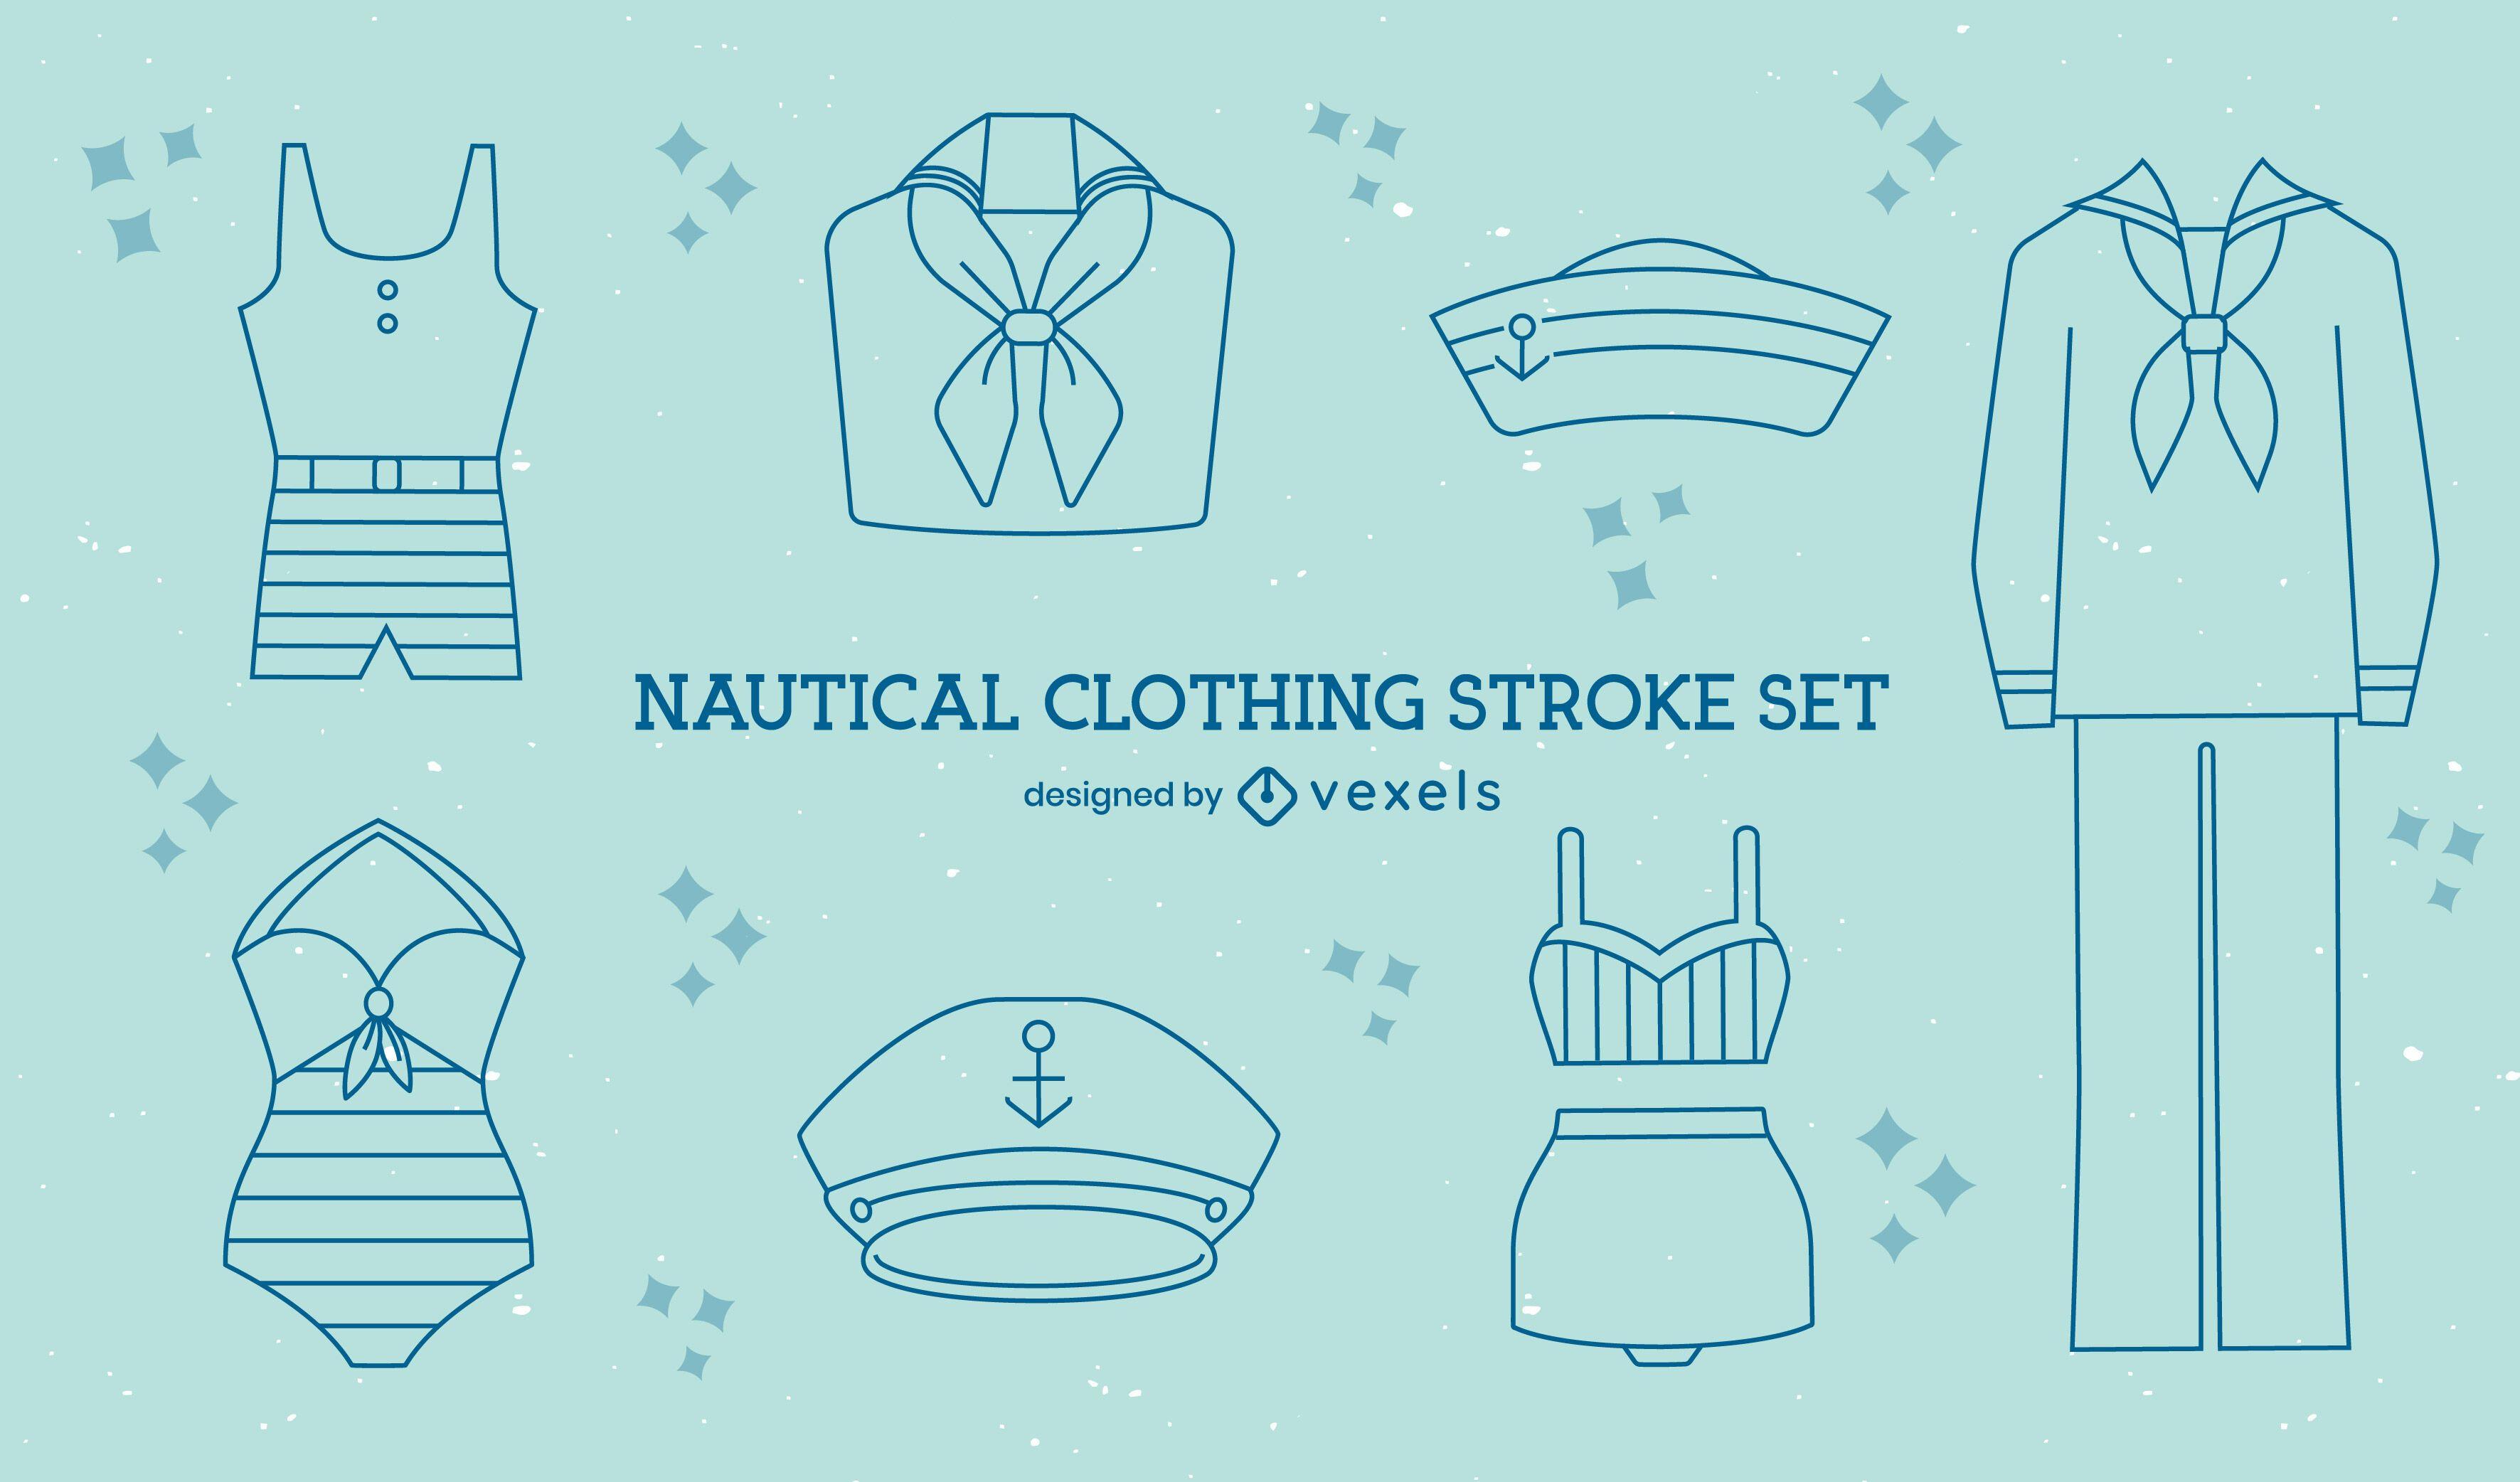 Nautical vintage sailor clothing line art set